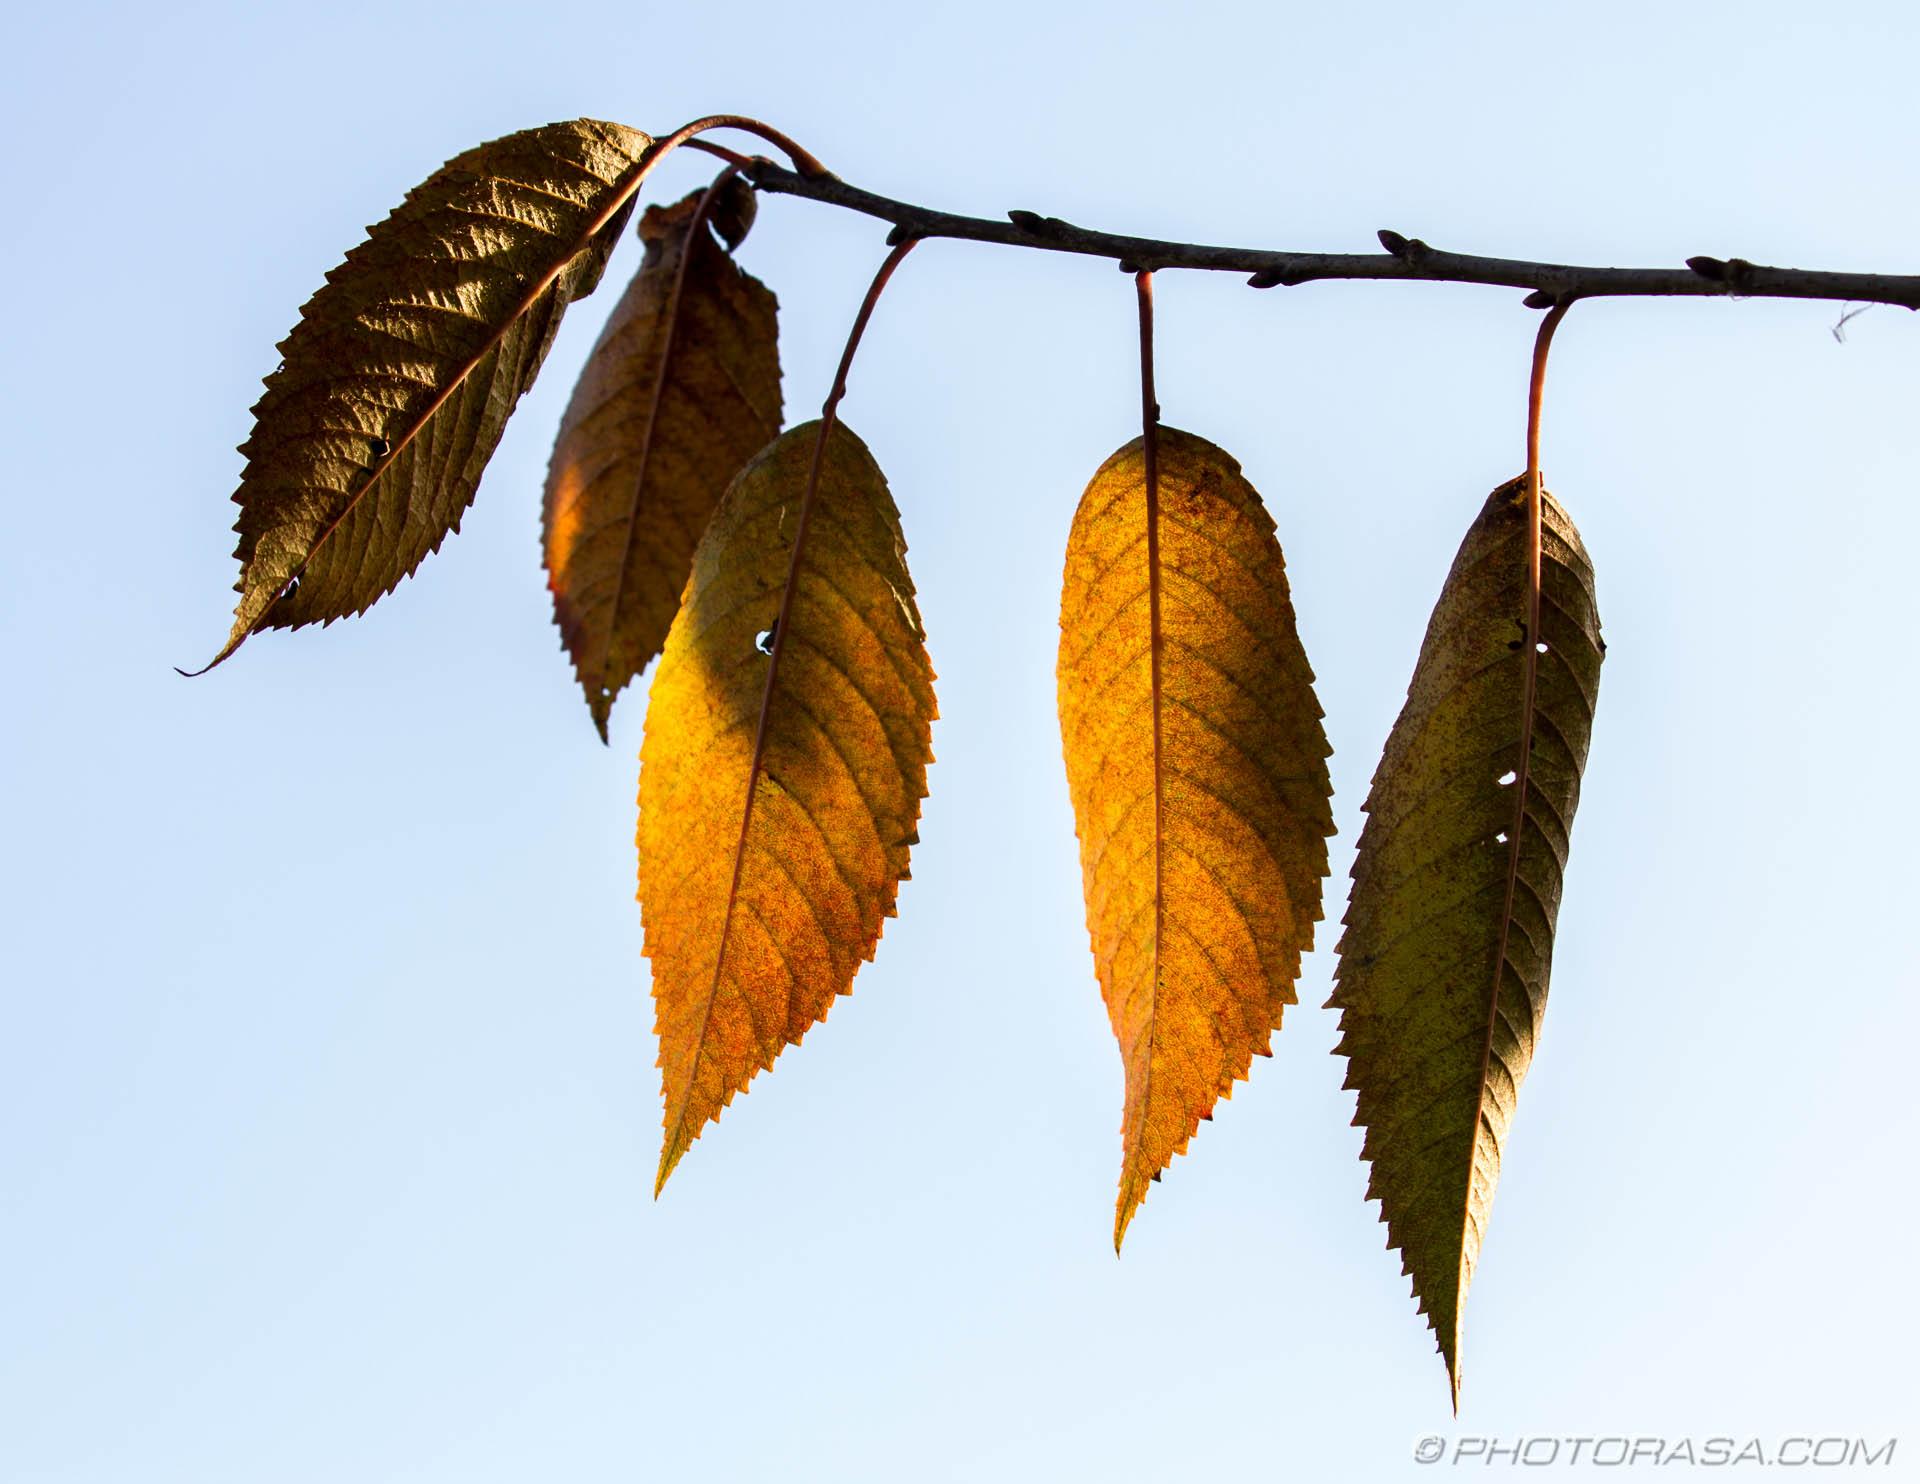 http://photorasa.com/autumn-leaves-sunlight/autumn-elder-leaves-in-light/